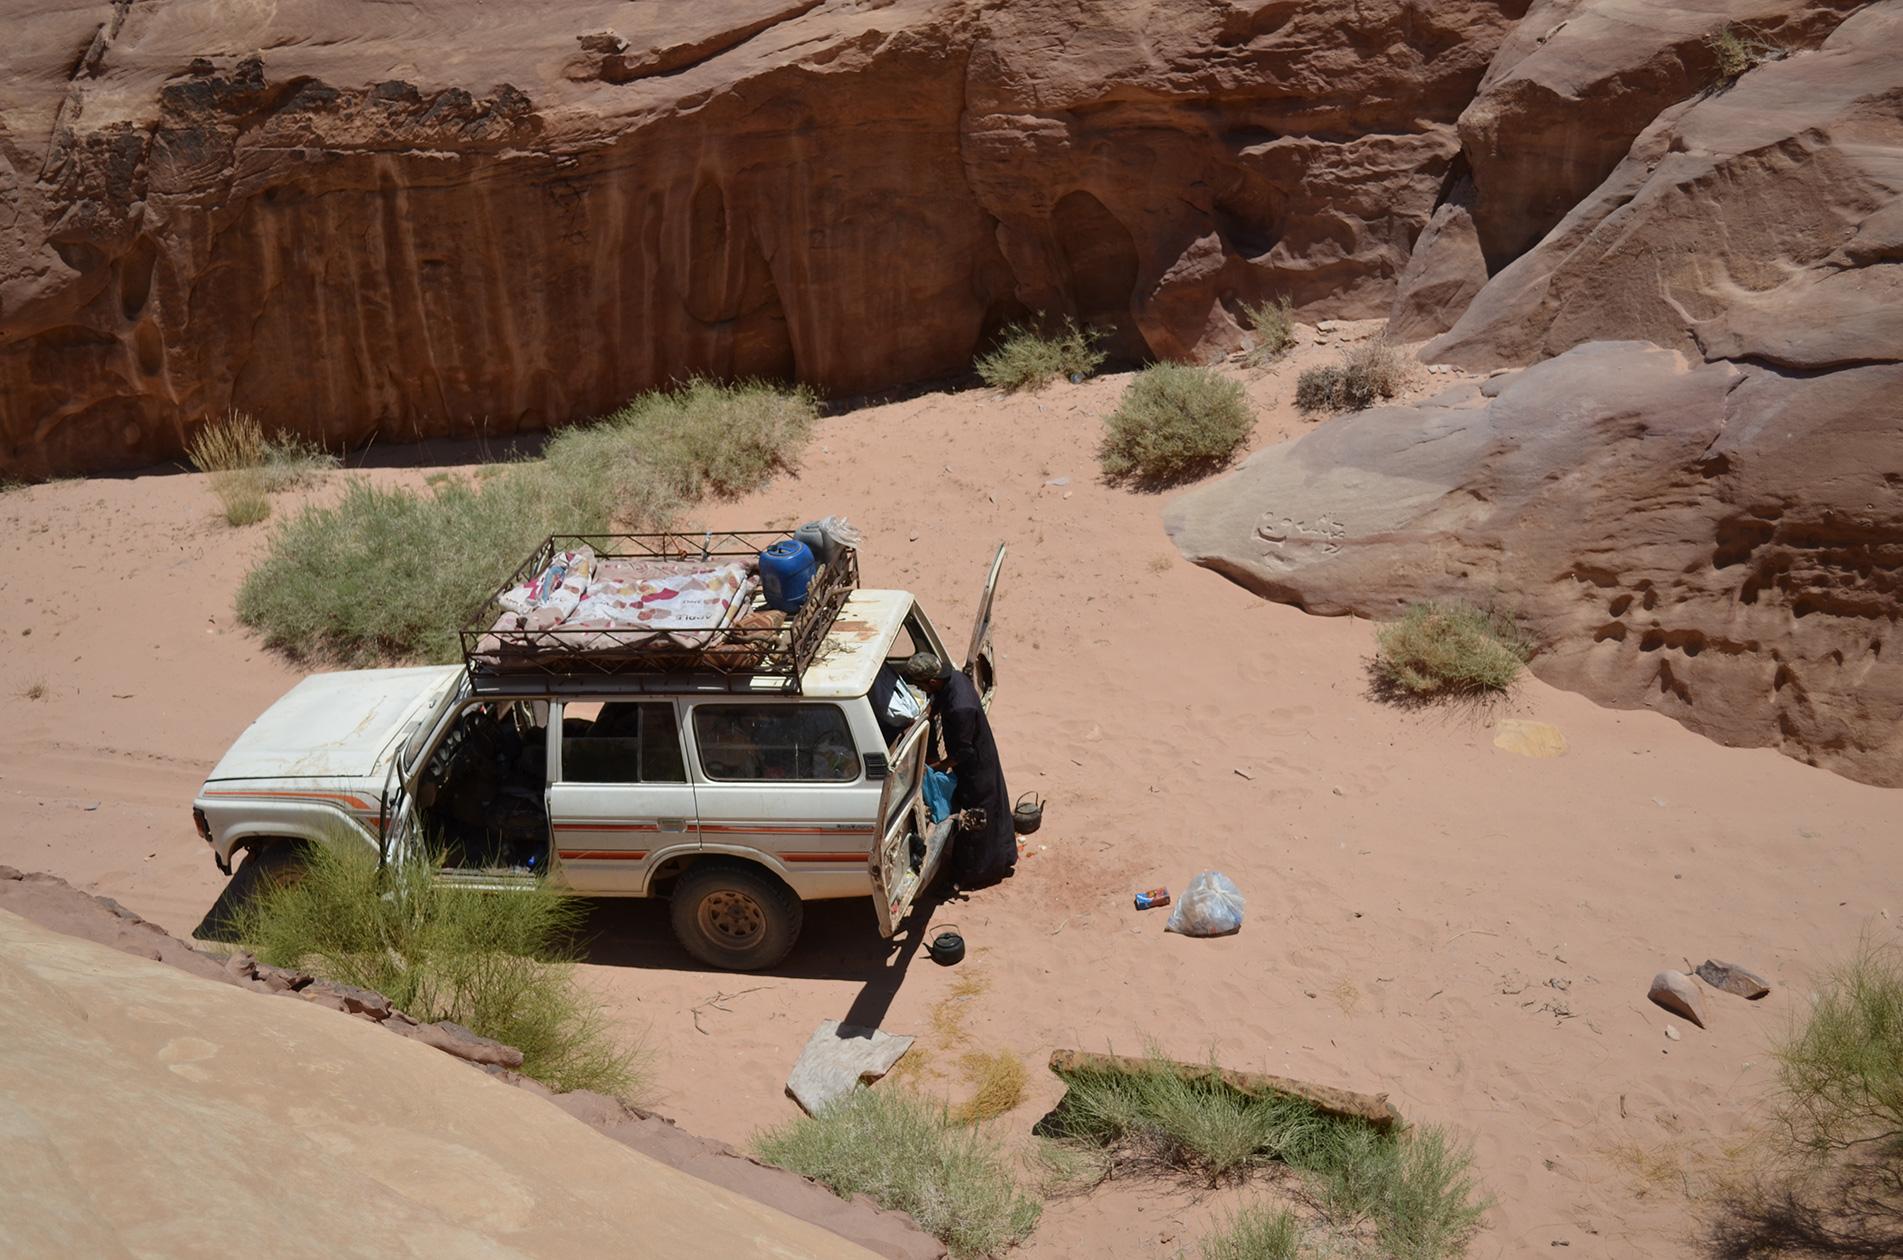 Bivouac in Wadi Rum